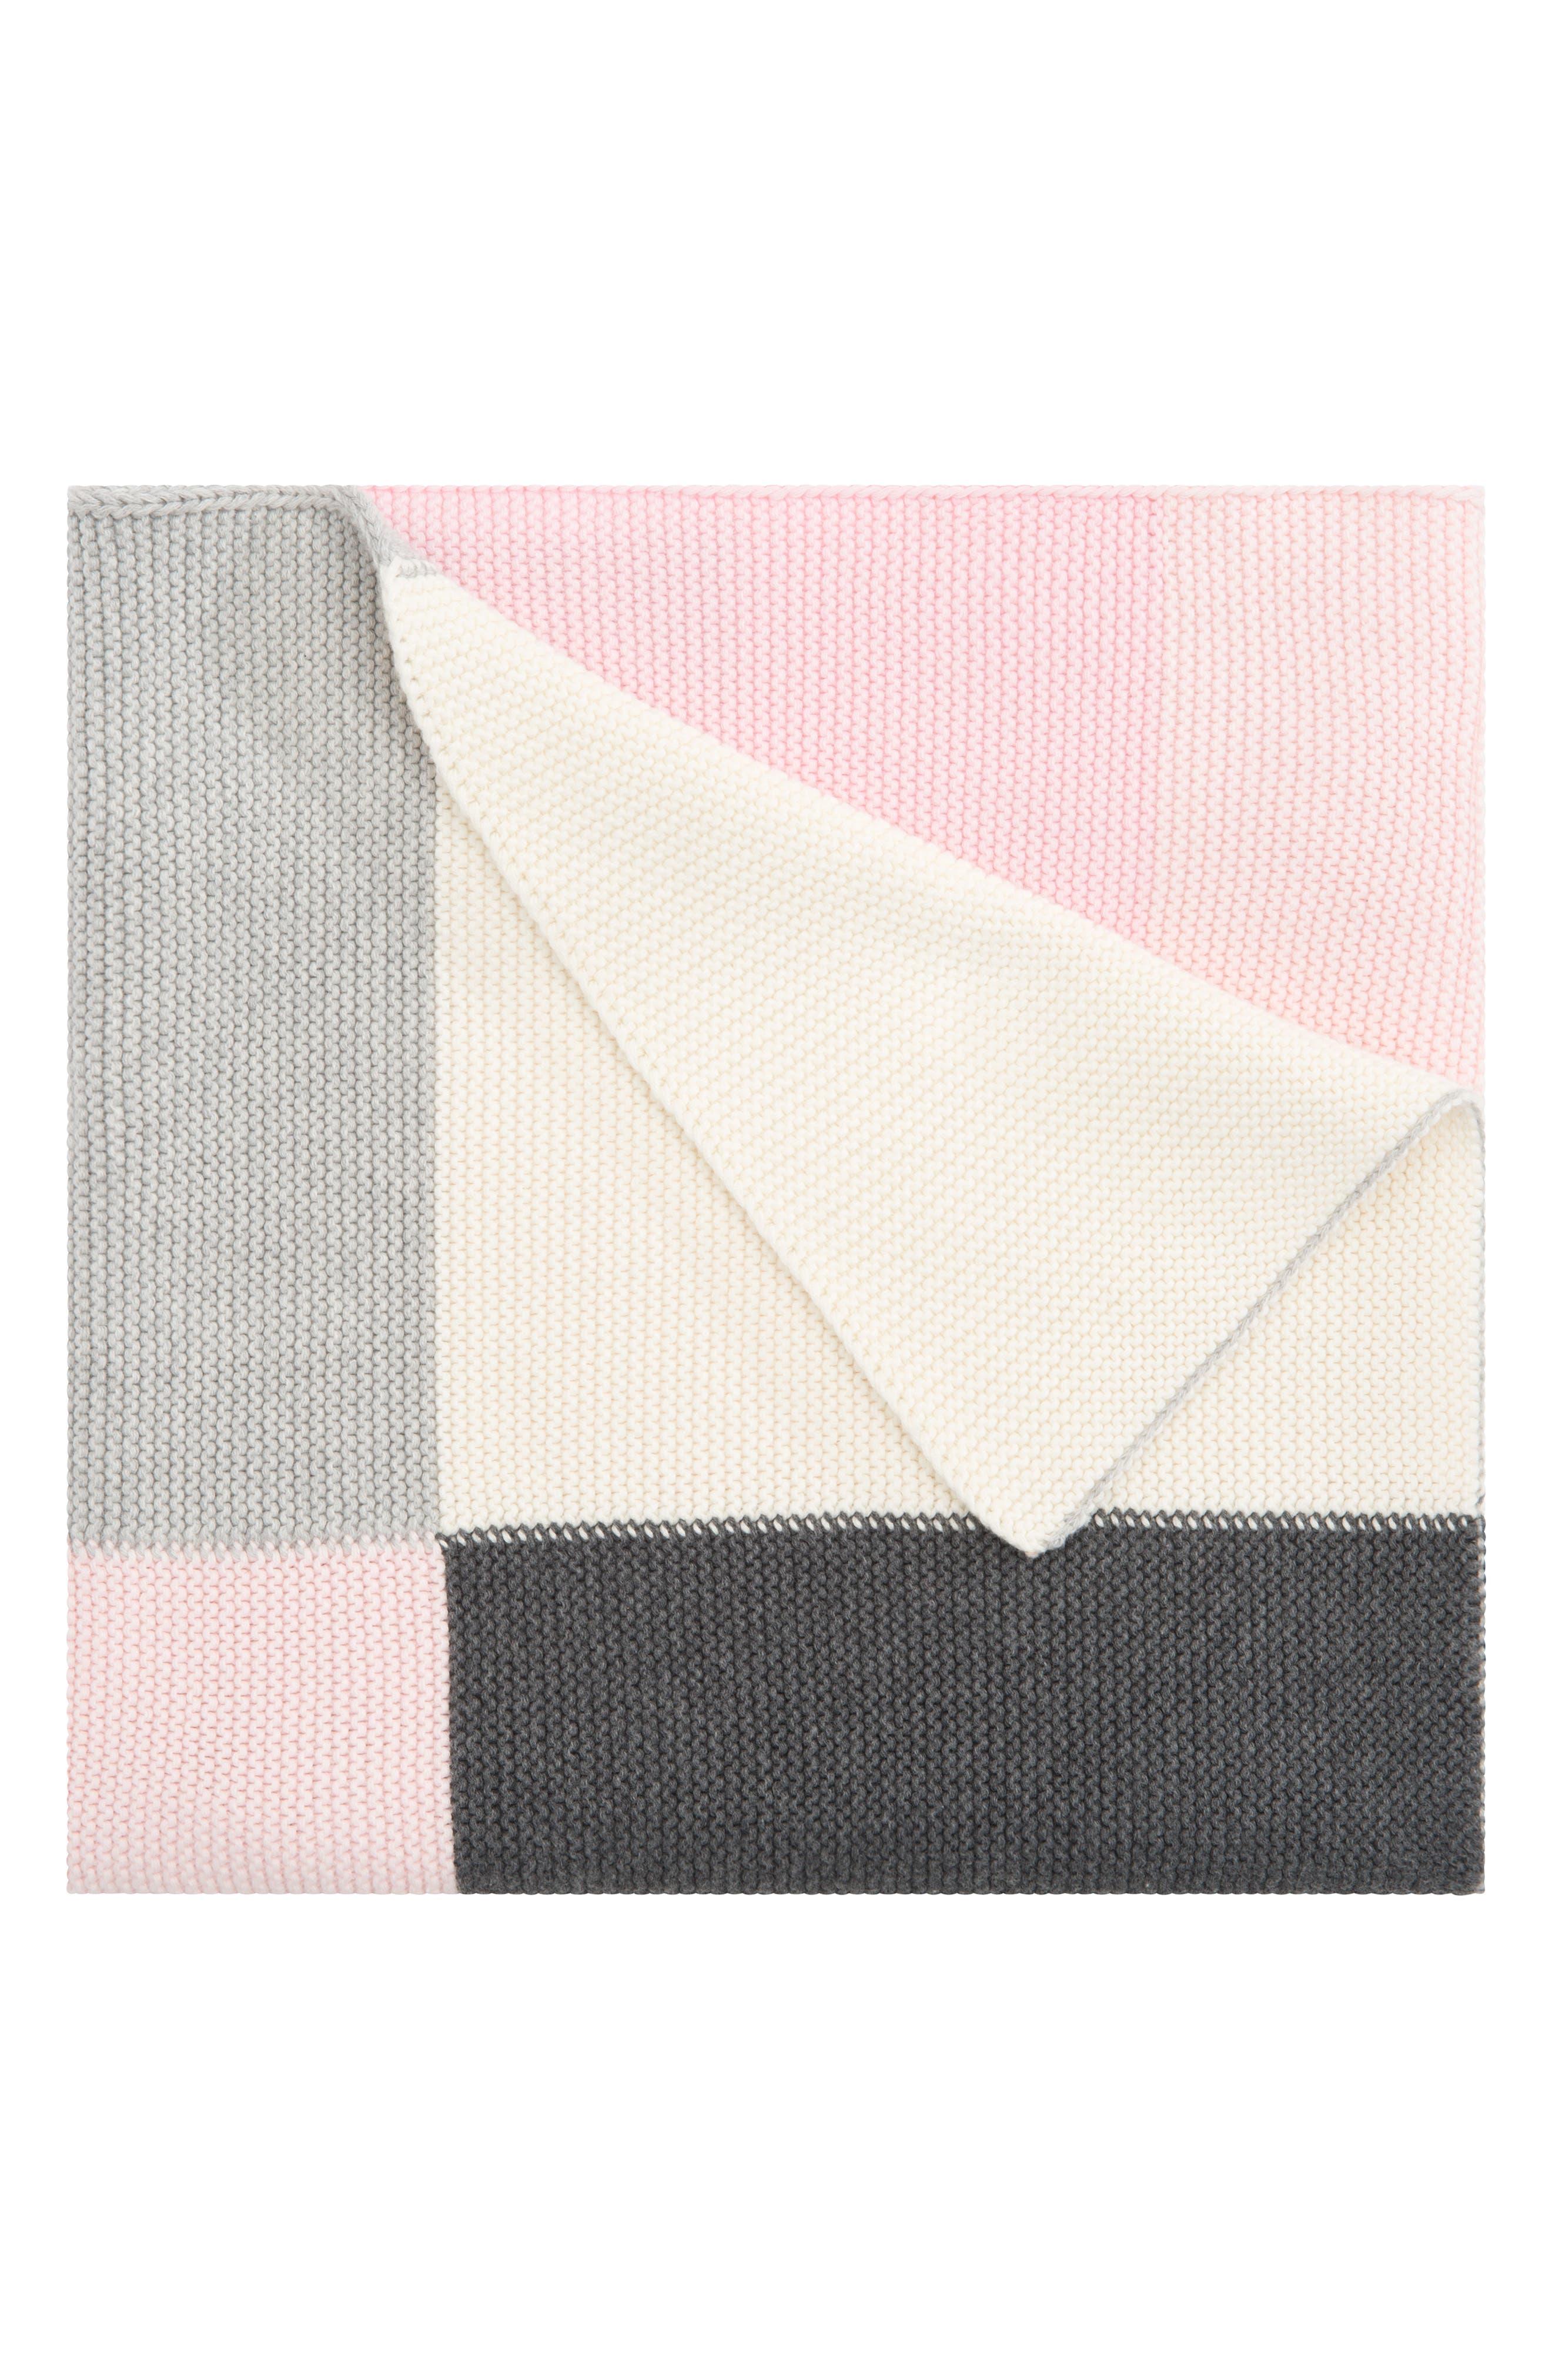 Alternate Image 1 Selected - Elegant Baby 'Patchwork' Knit Blanket